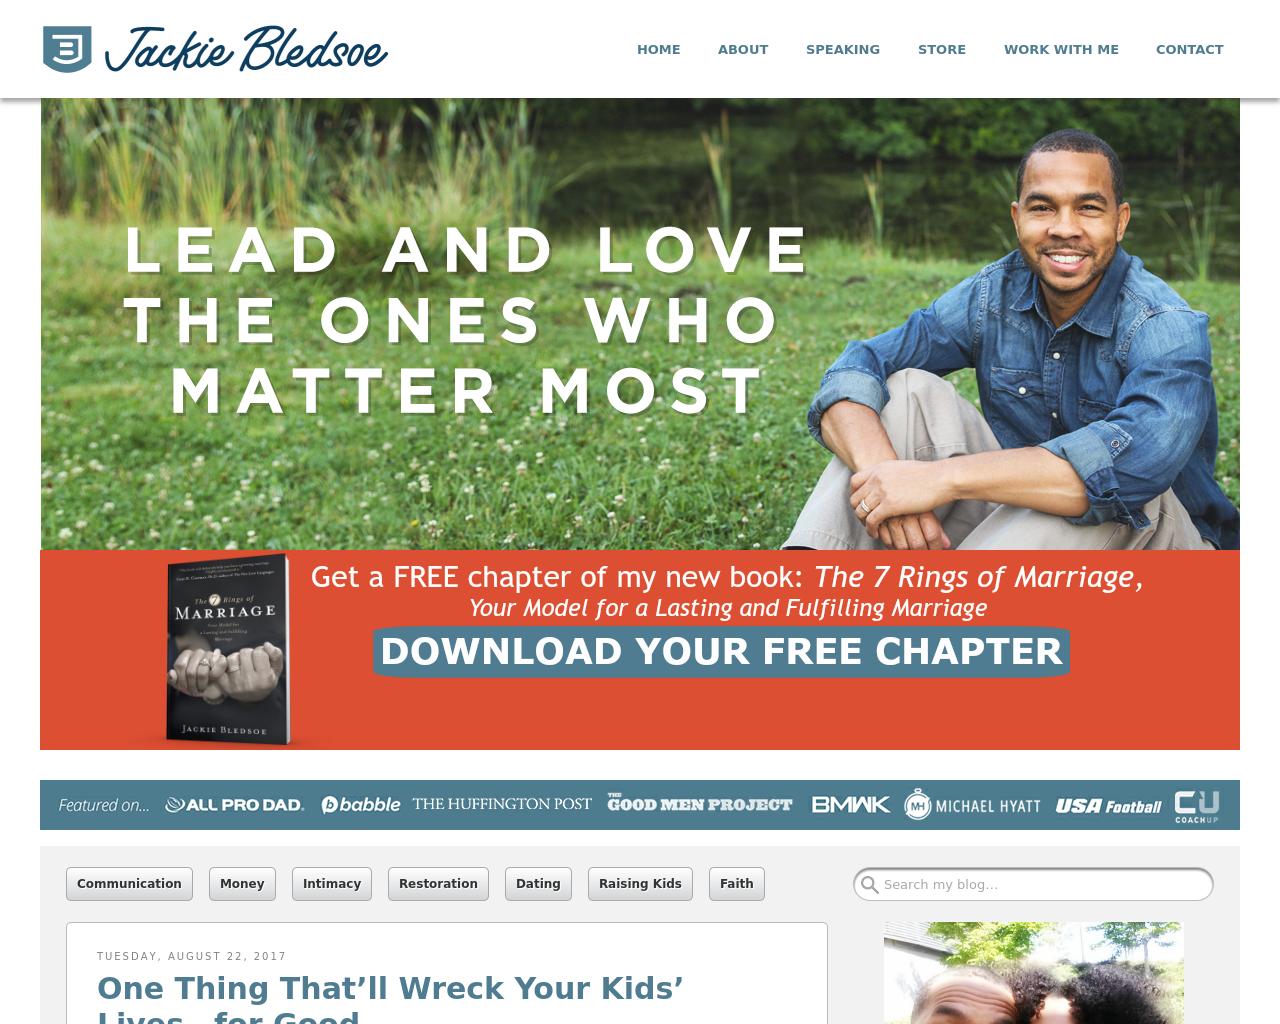 JackieBledSoe-Advertising-Reviews-Pricing